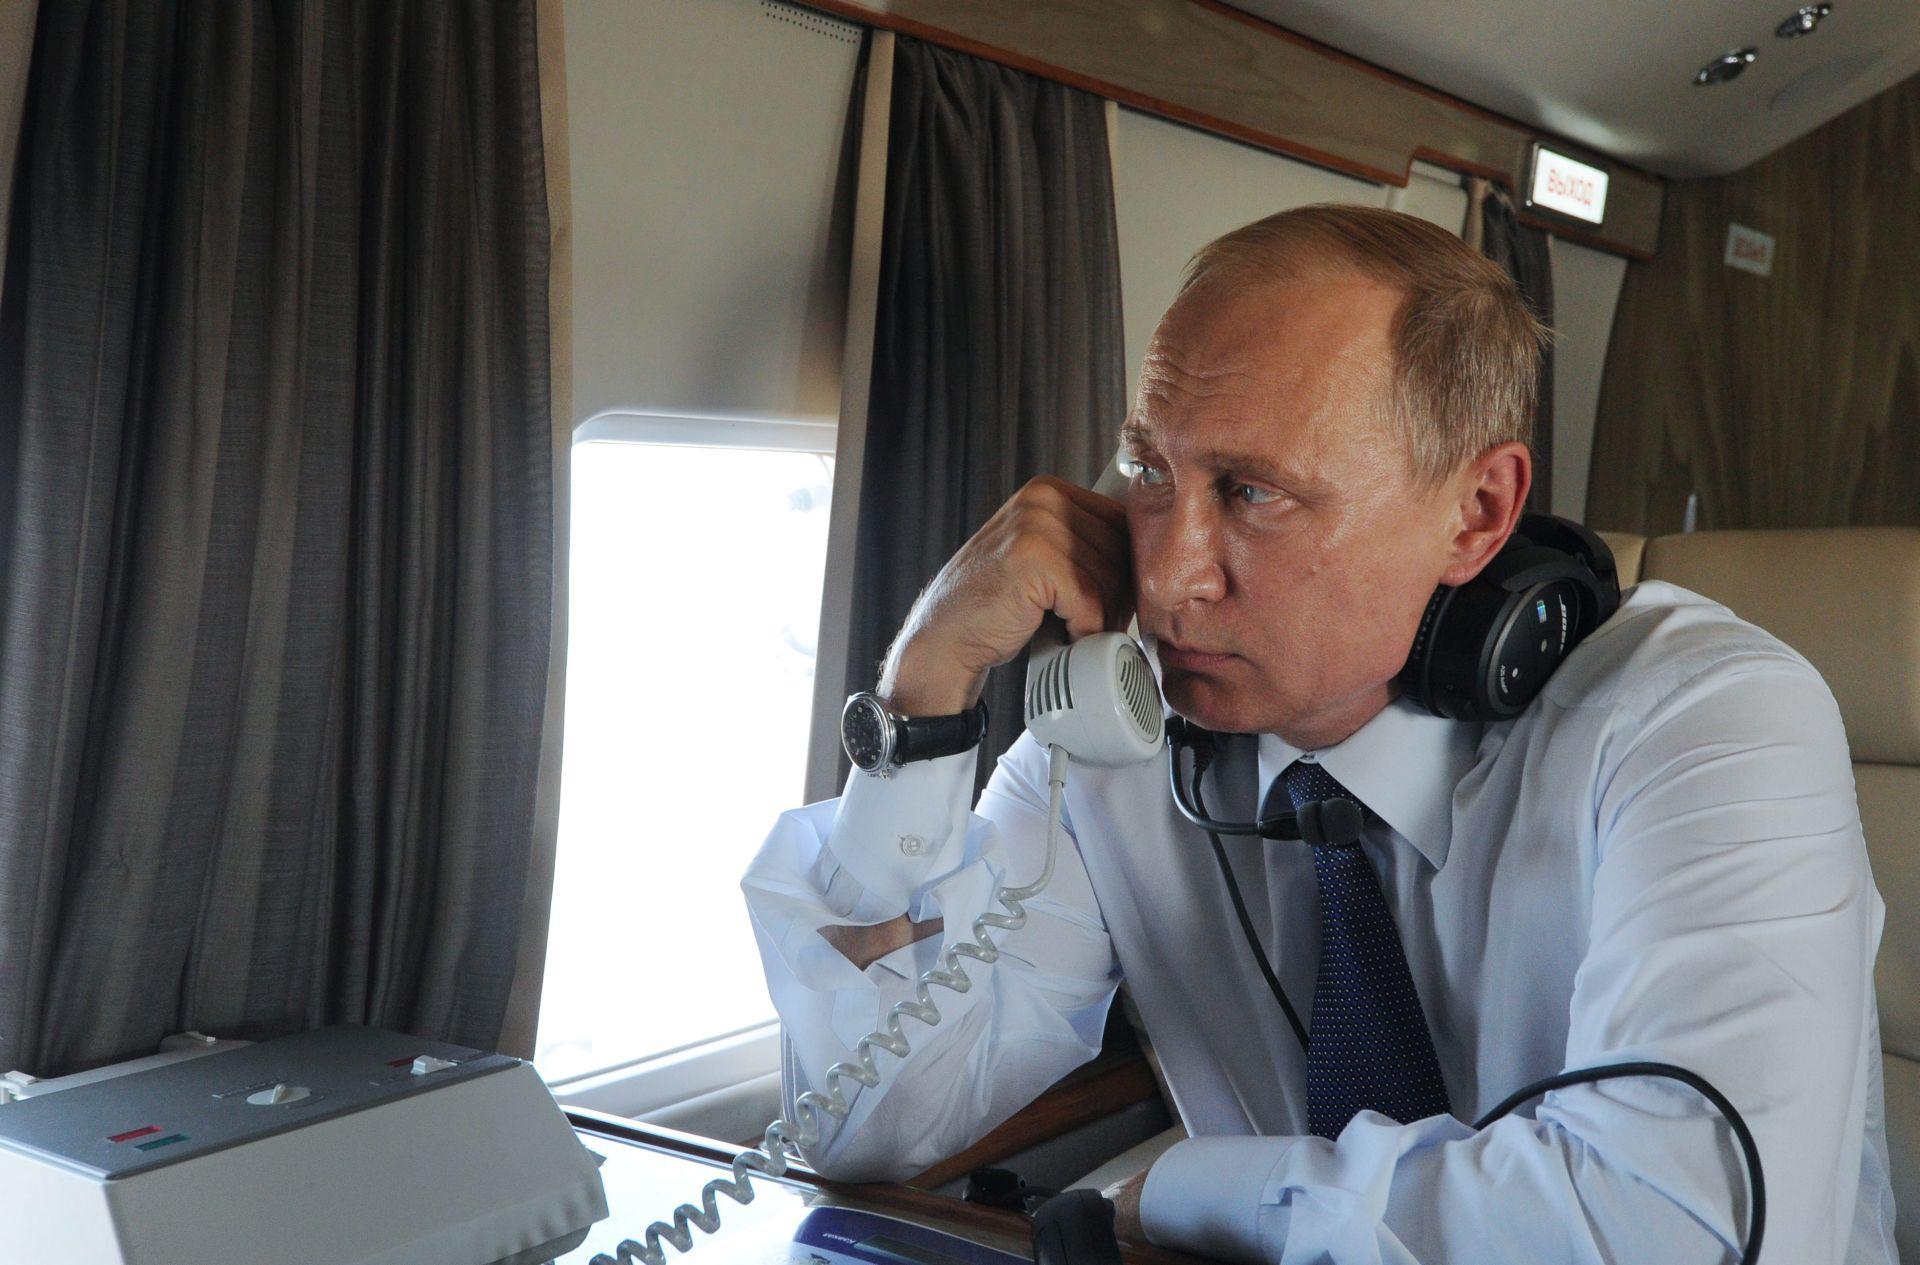 ISLAMSKA DRŽAVA POGUBILA NAVODNOG RUSKOG ŠPIJUNA Zaprijetili napadom na Vladimira Putina